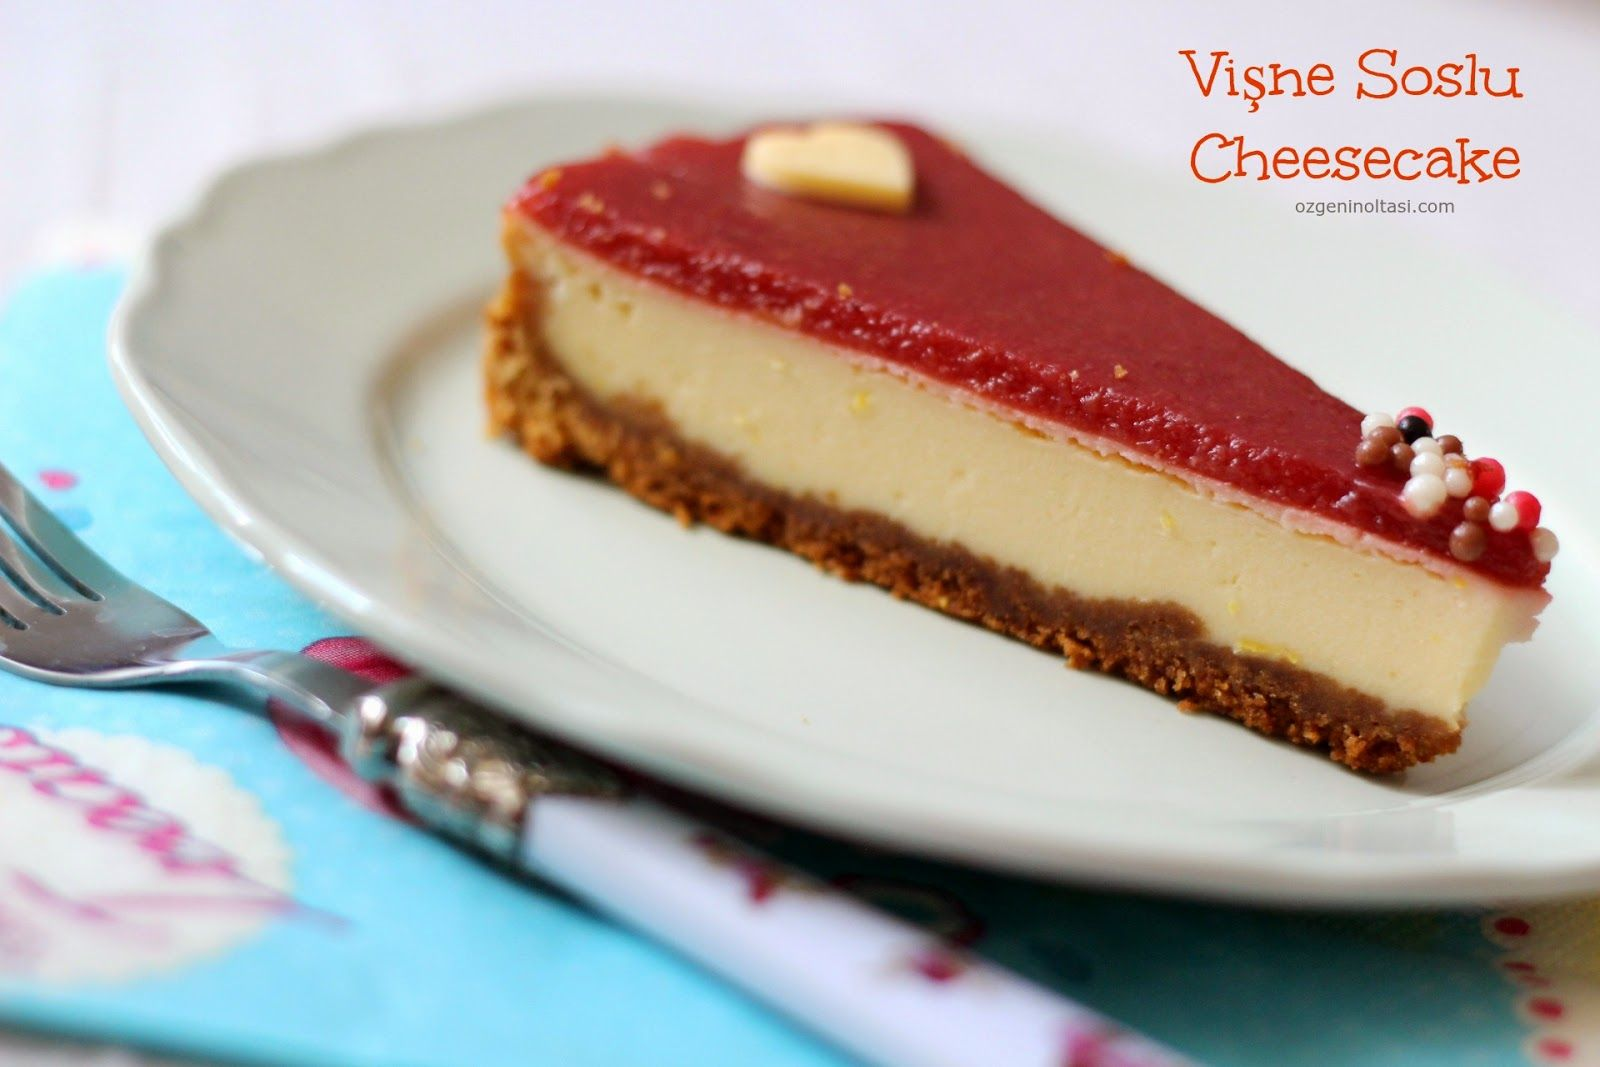 Frambuazlı Cheesecake Tarifi Meyve Soslu Cheesecake Denenmiş Tarifi